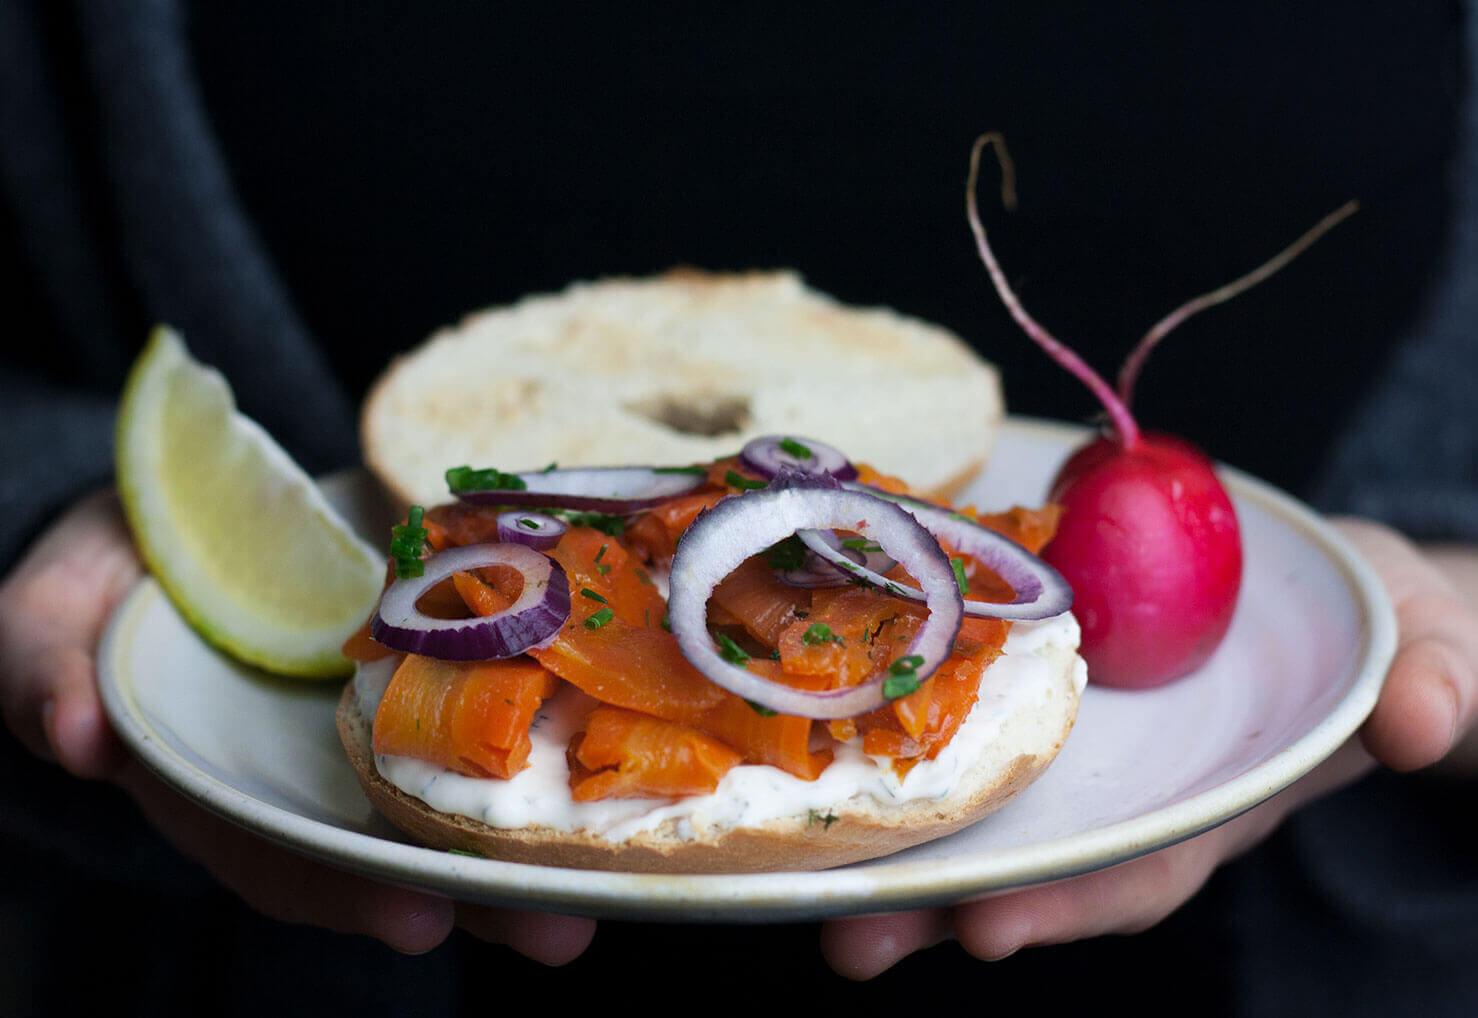 Ein Bagel mit veganem Carrot Lox oder Karottenlachs, Rezept von Mangold & Muskat